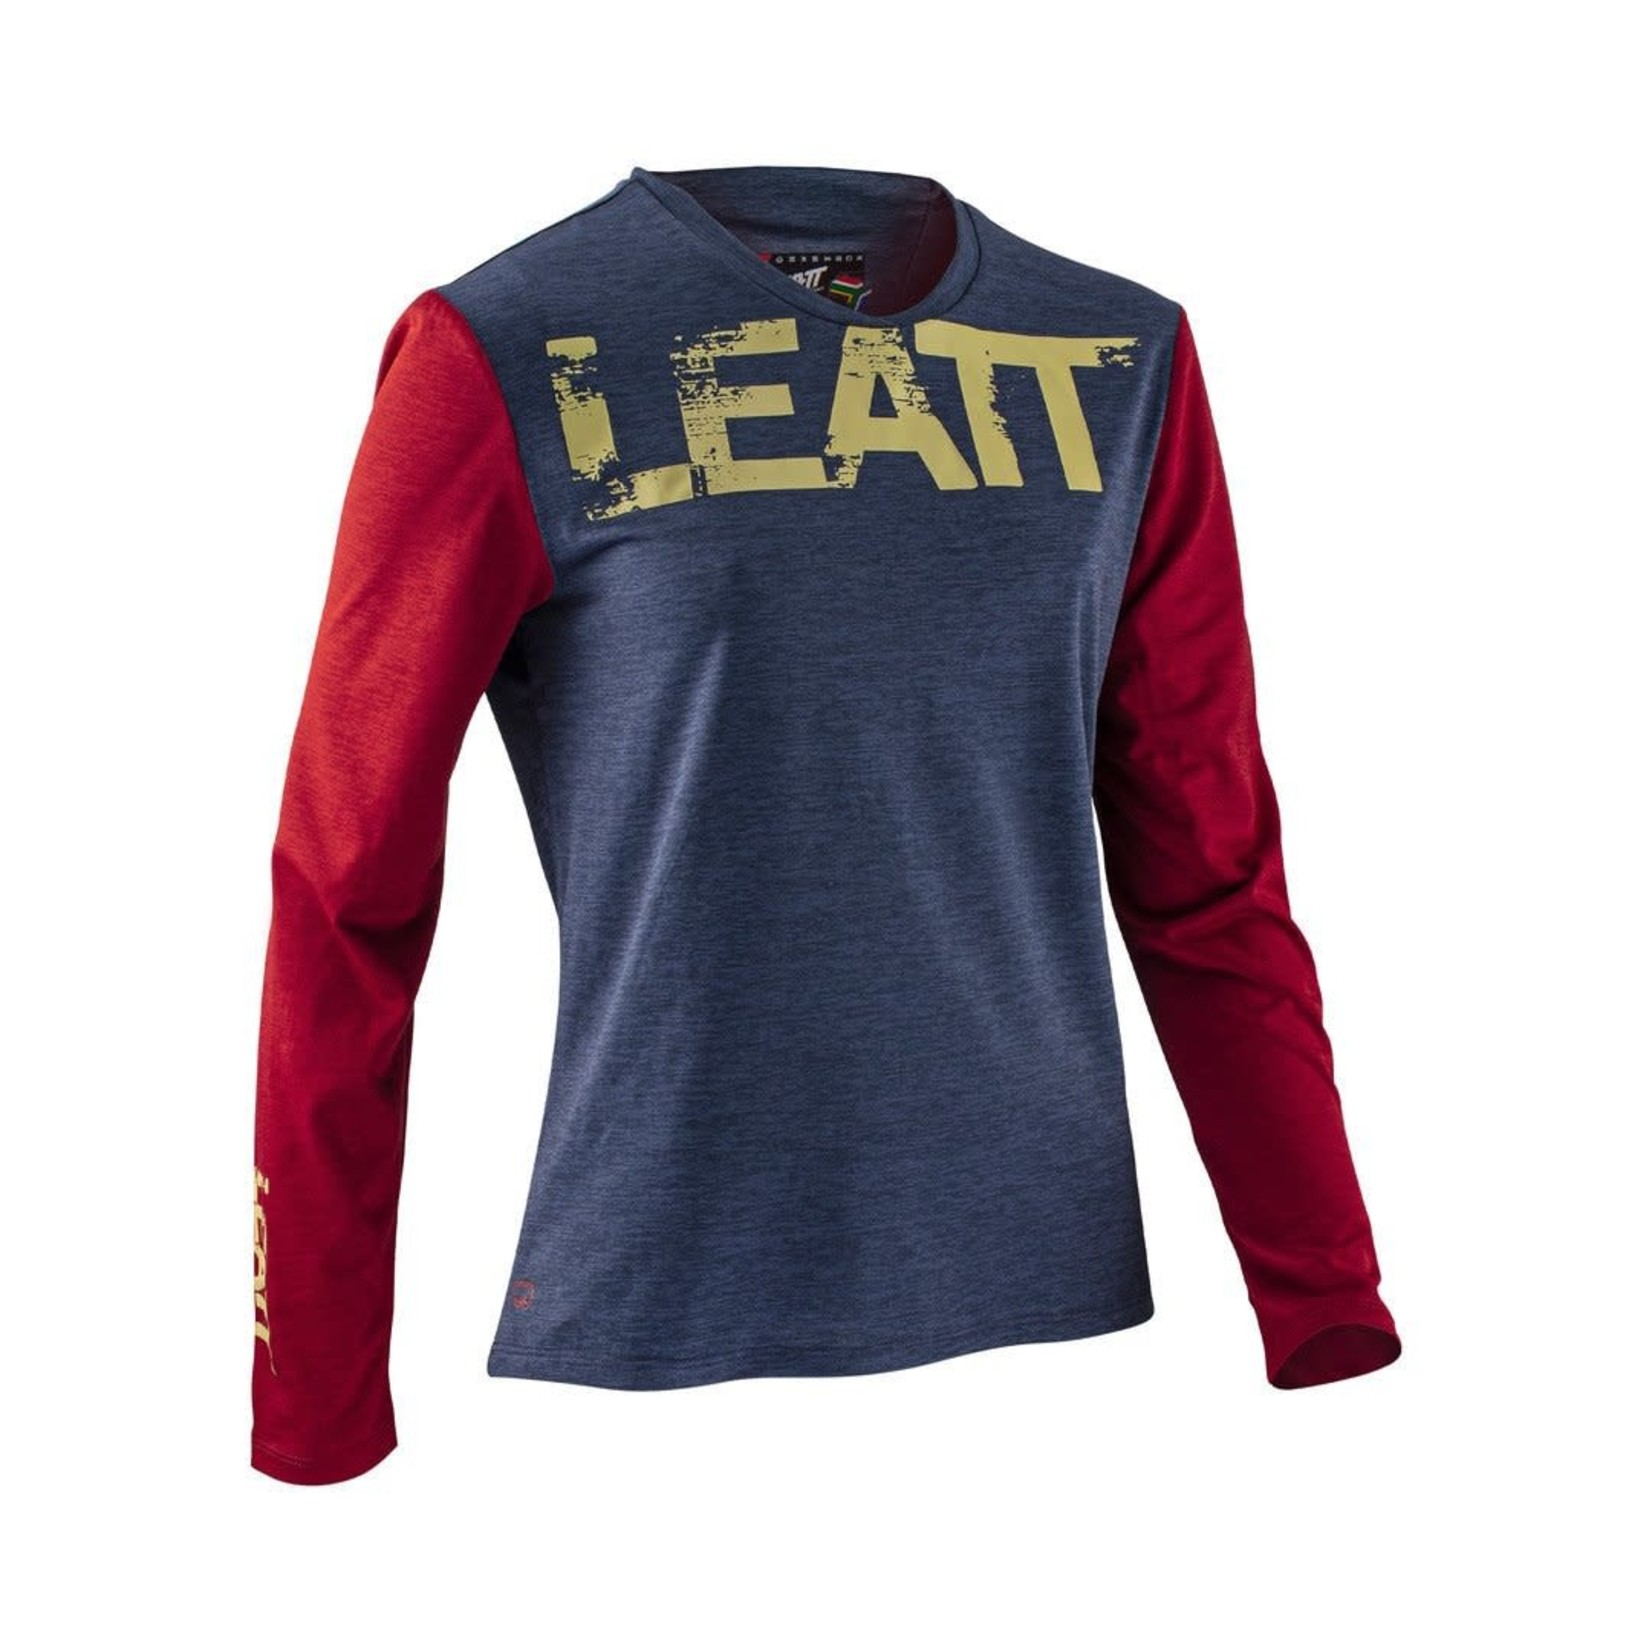 LEATT Leatt - Trikot manica lunga MTB 2.0 Donna Blu